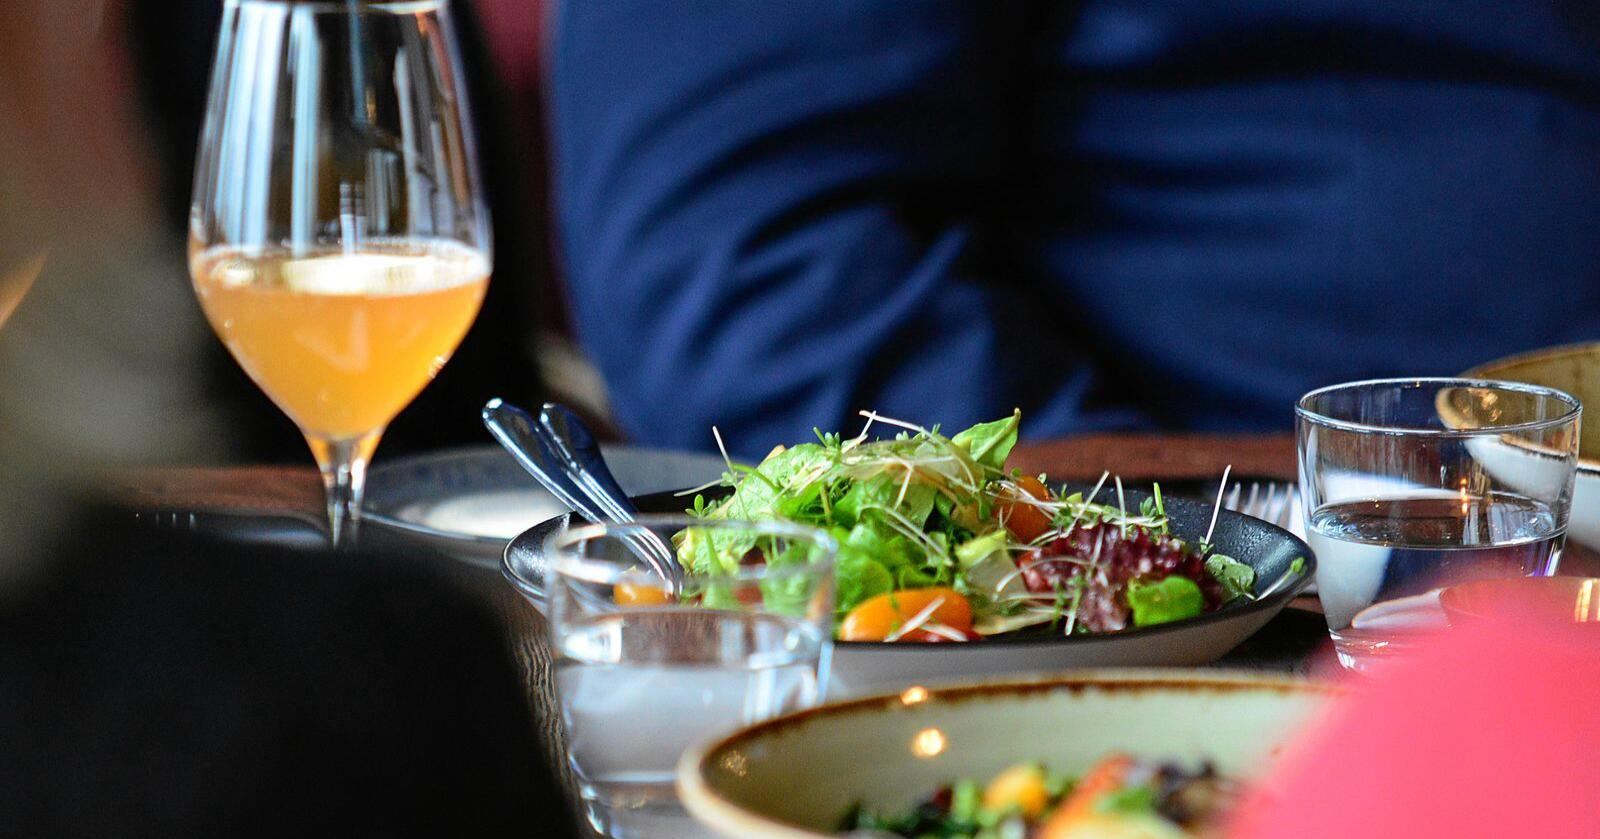 Norsk Bonde- og Småbrukarlag foreslår å merke om maten på restauranter er laget av norske råvarer. Illustrasjonsfoto: Siri Juell Rasmussen